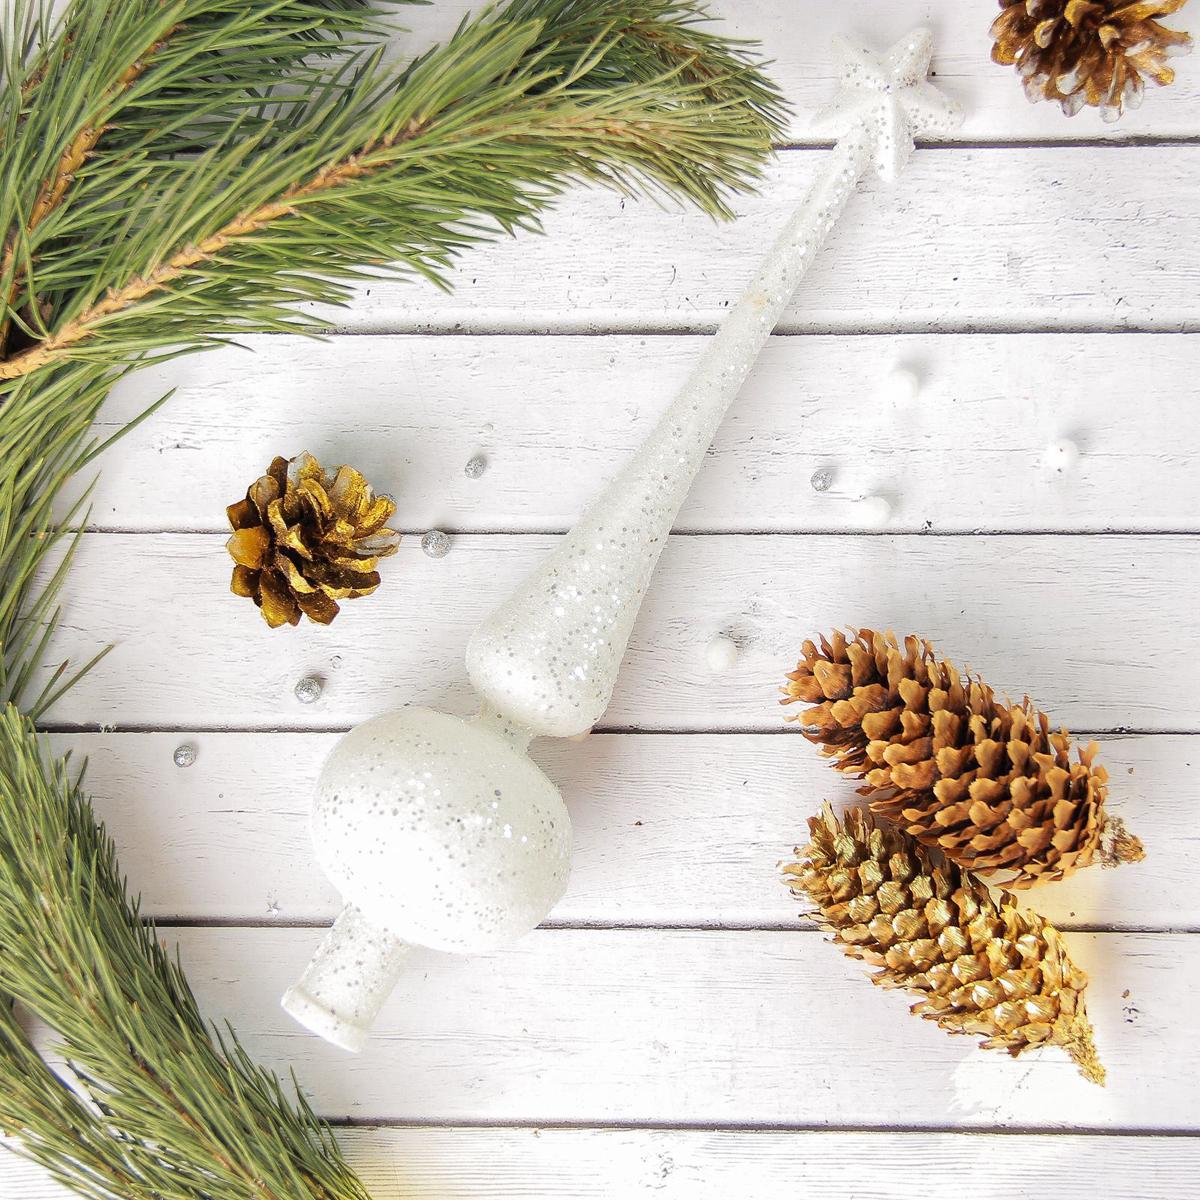 """Верхушка на елку """"Sima-land"""" будет прекрасно смотреться на новогодней еле. Верхушка на елку - одно из главных новогодних украшений лесной красавицы. Она принесет в ваш дом ни с чем не сравнимое ощущение праздника! Новогодние украшения несут в себе волшебство. Они помогут вам украсить дом к предстоящим праздникам и оживить интерьер по вашему вкусу. Создайте в доме атмосферу тепла, веселья и радости, украшая его всей семьей."""